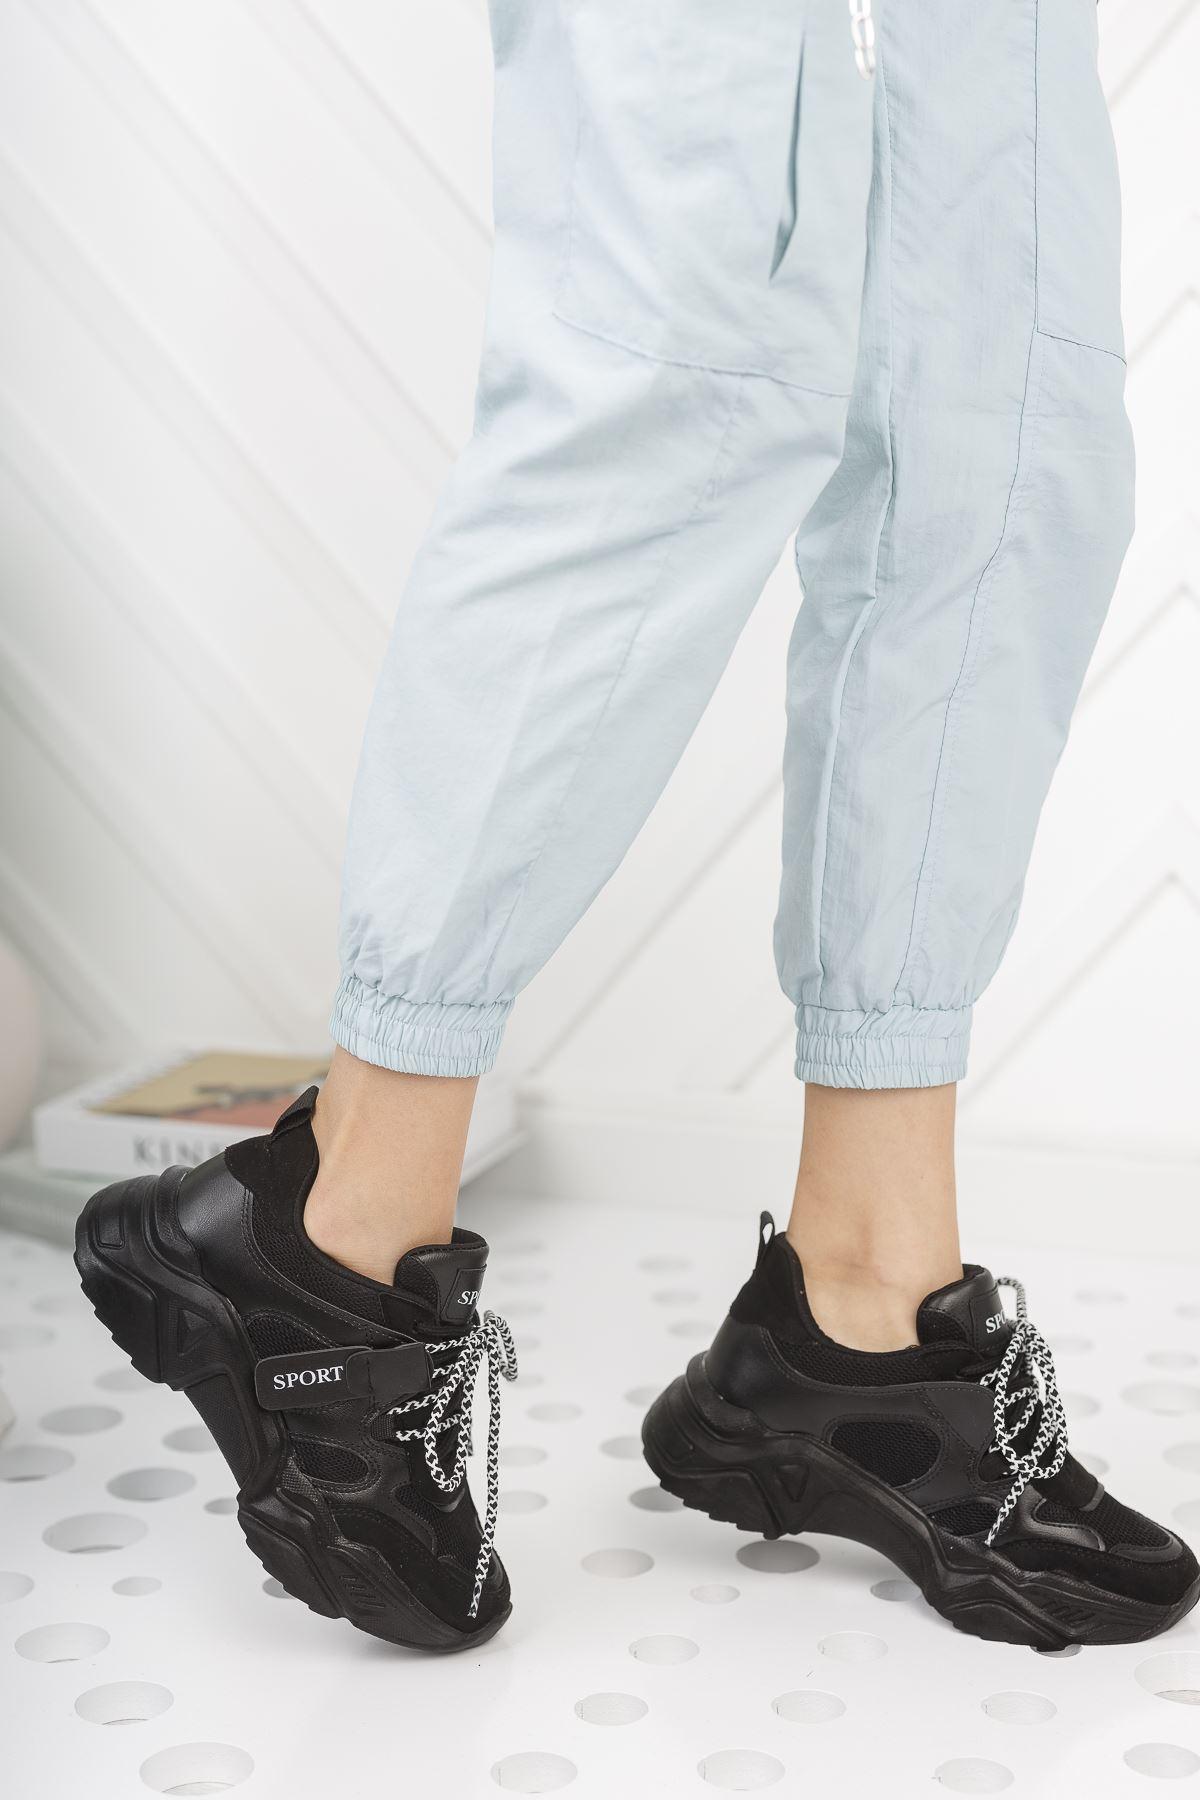 Kadın Rovina Triko Detay Kalın Taban Siyah Spor Ayakkabı